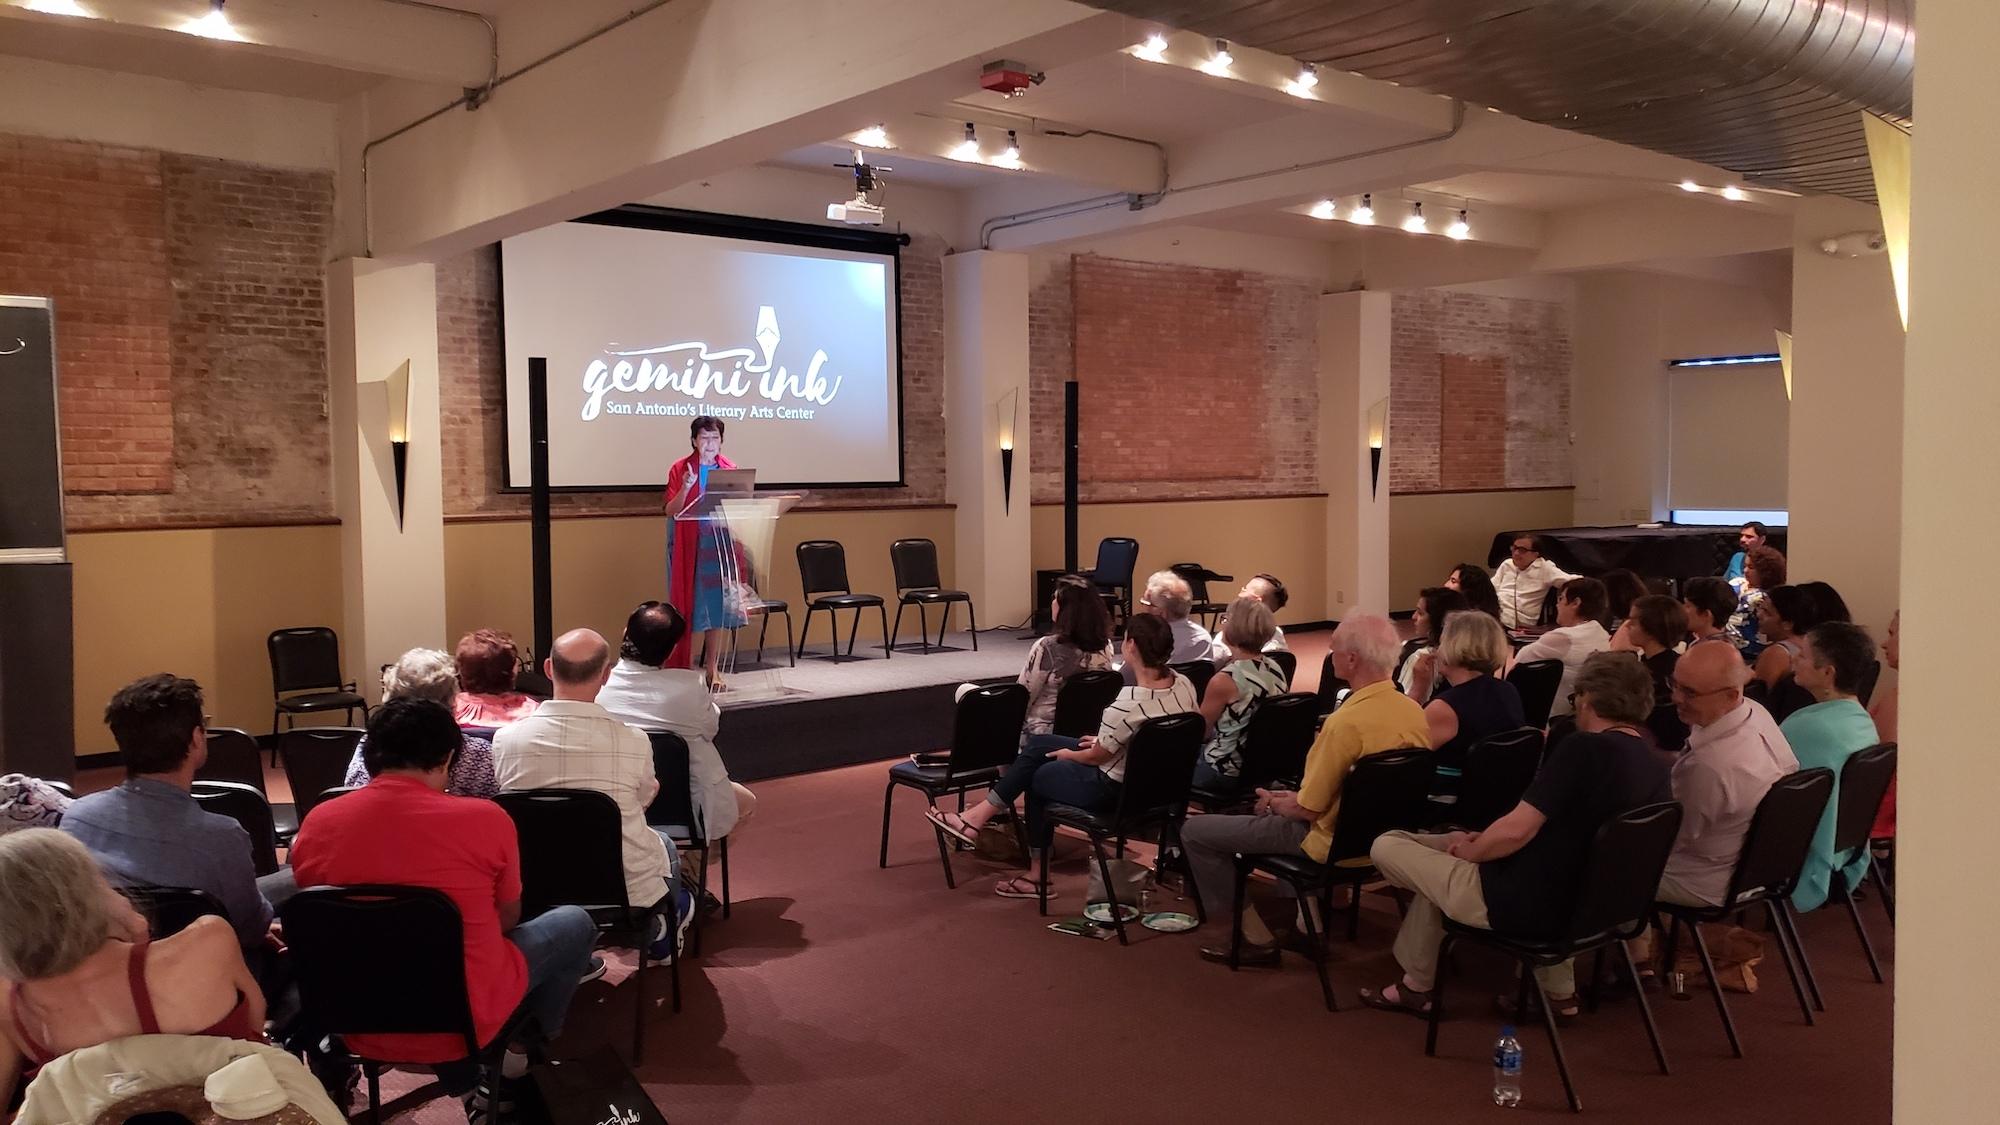 An event at Radius Center